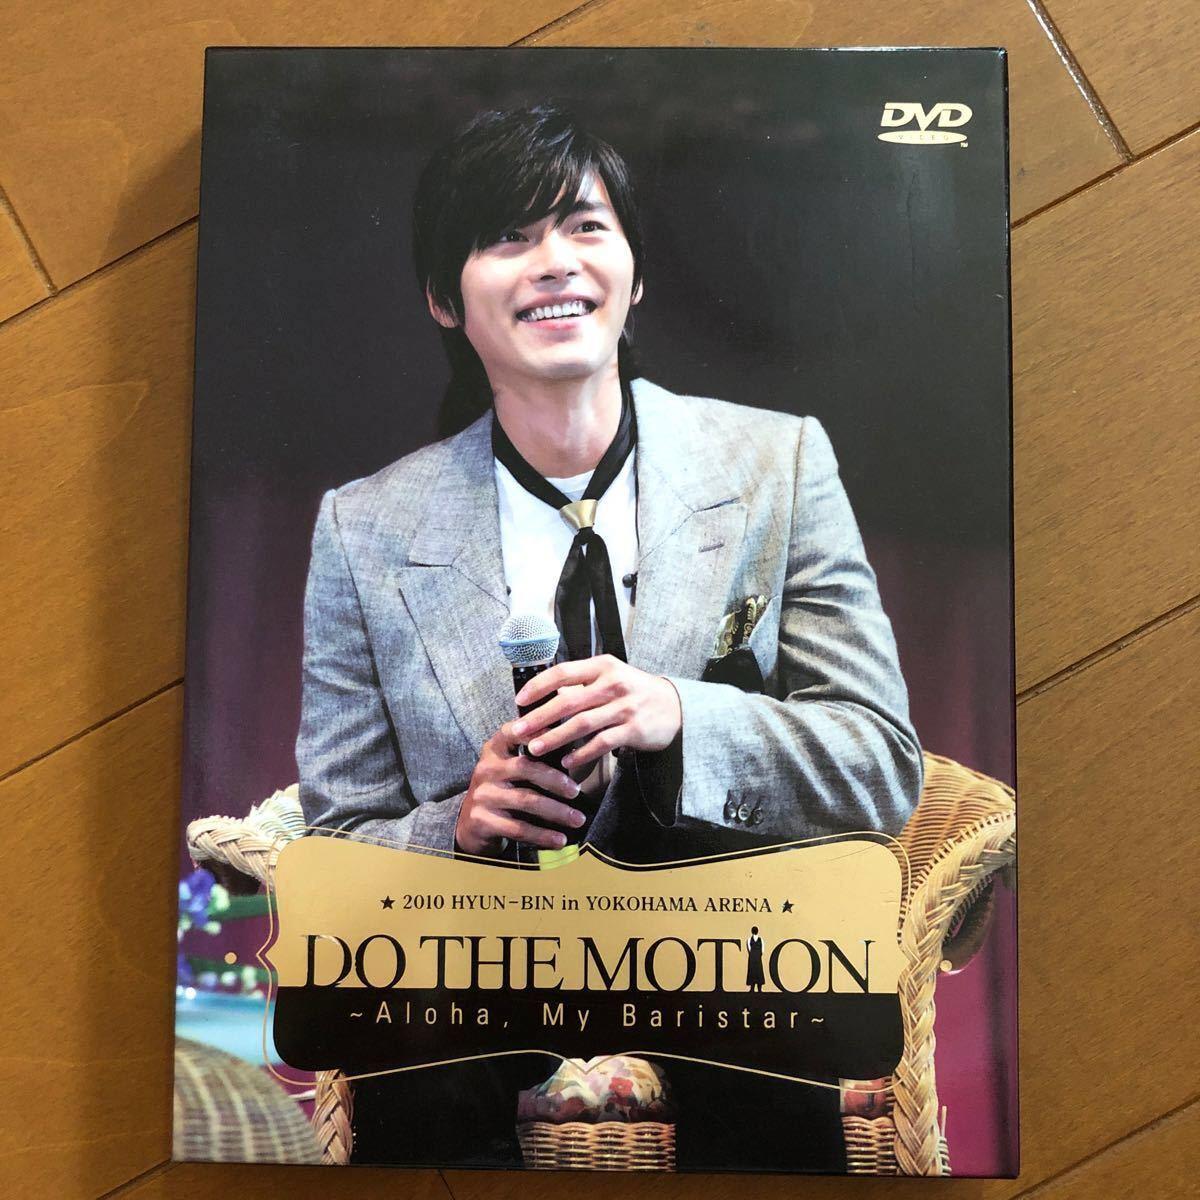 ヒョンビン 2010 HYUN-BIN Do the motion